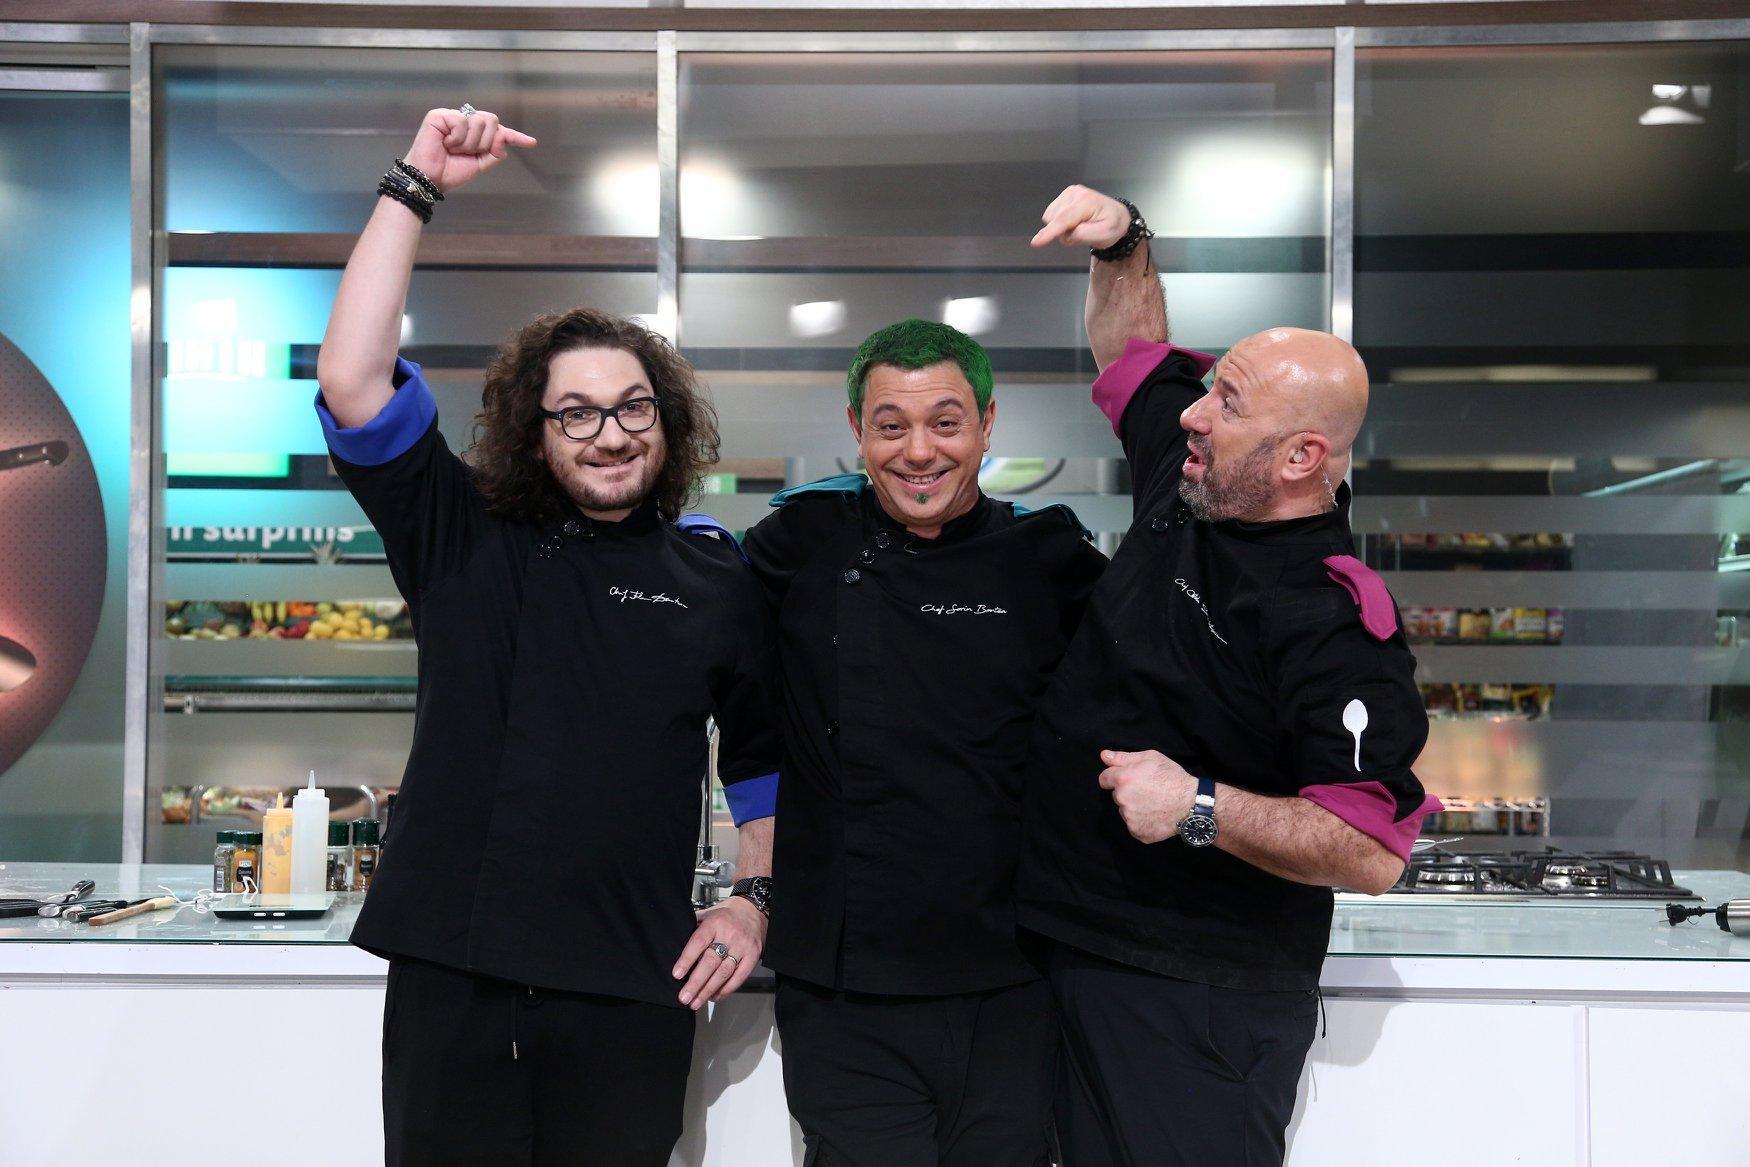 Chefii Bontea, Scărlătescu și Dumitrescu, reuniune care i-a bucurat pe fani, la 2 luni de la finala sezonului 9 Chefi la cuțite